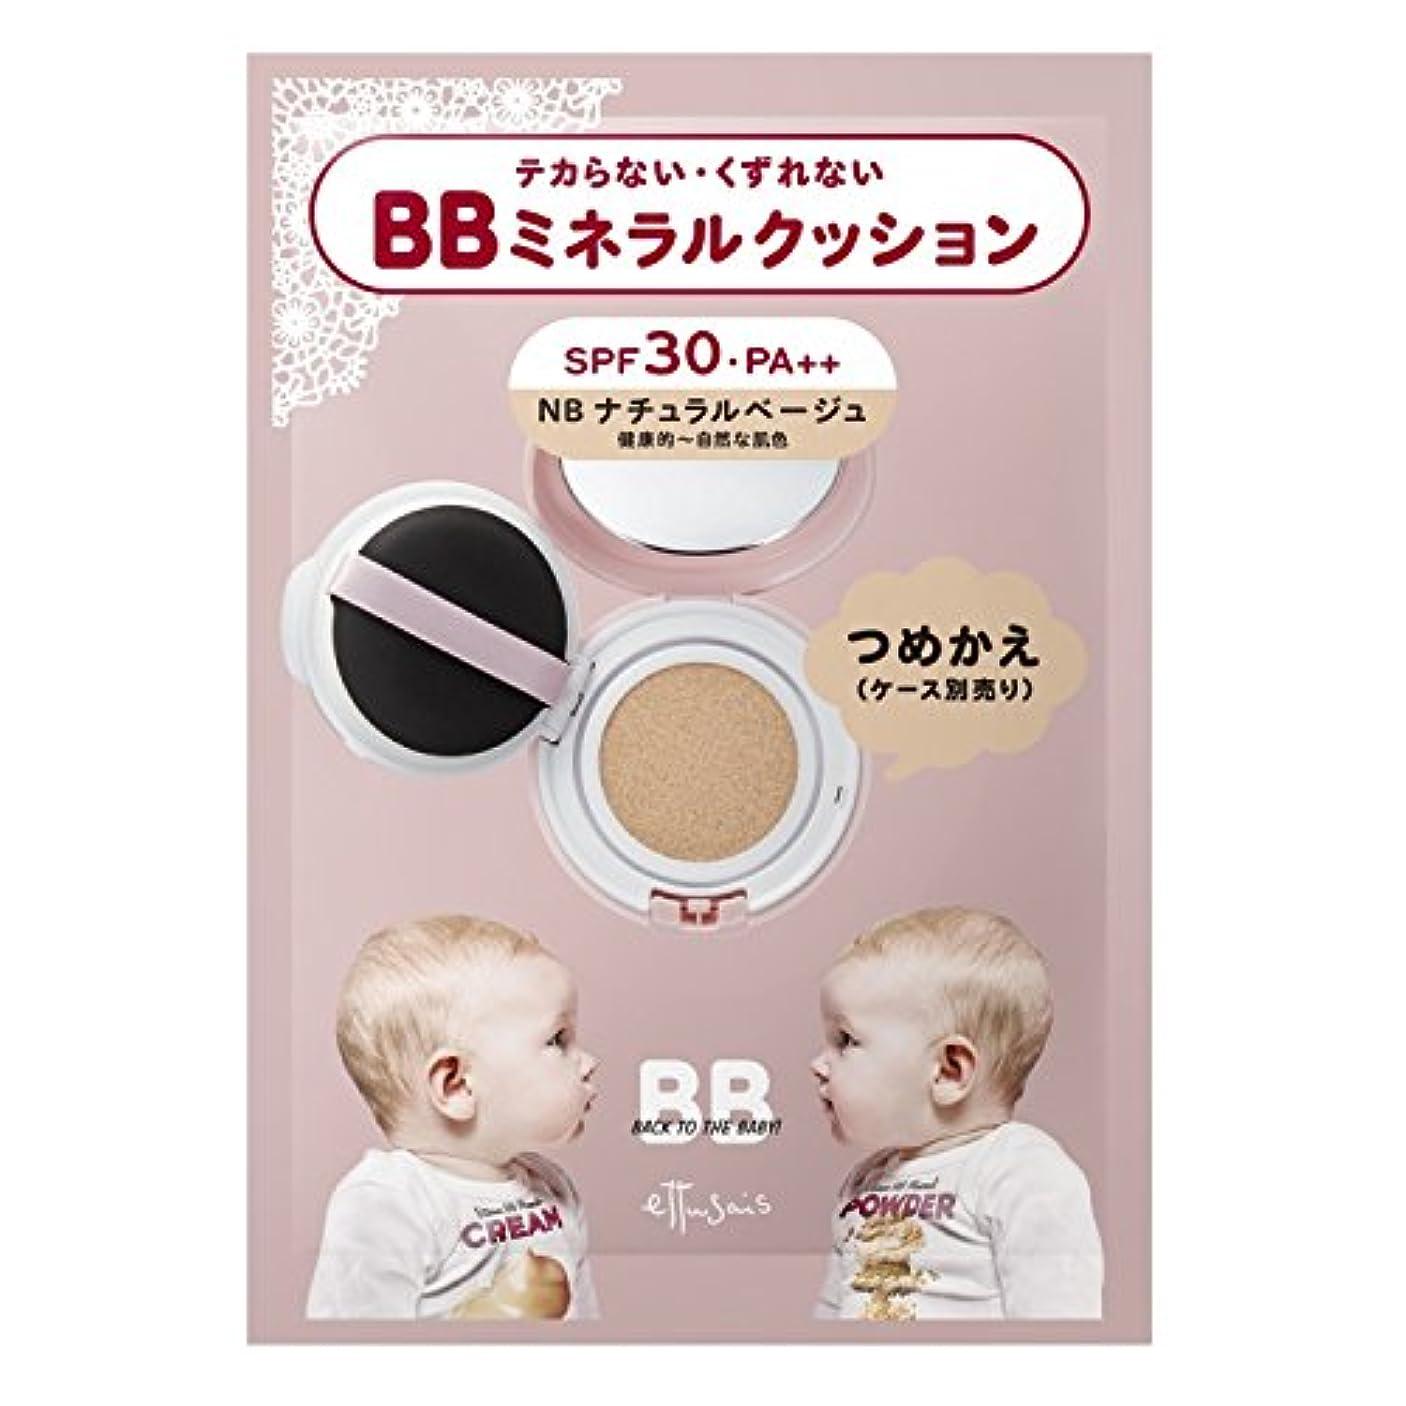 母性ライド蜜エテュセ BBミネラルクッション NB ナチュラルベージュ(健康的~自然な肌色) つめかえ用 SPF30?PA++ 12g